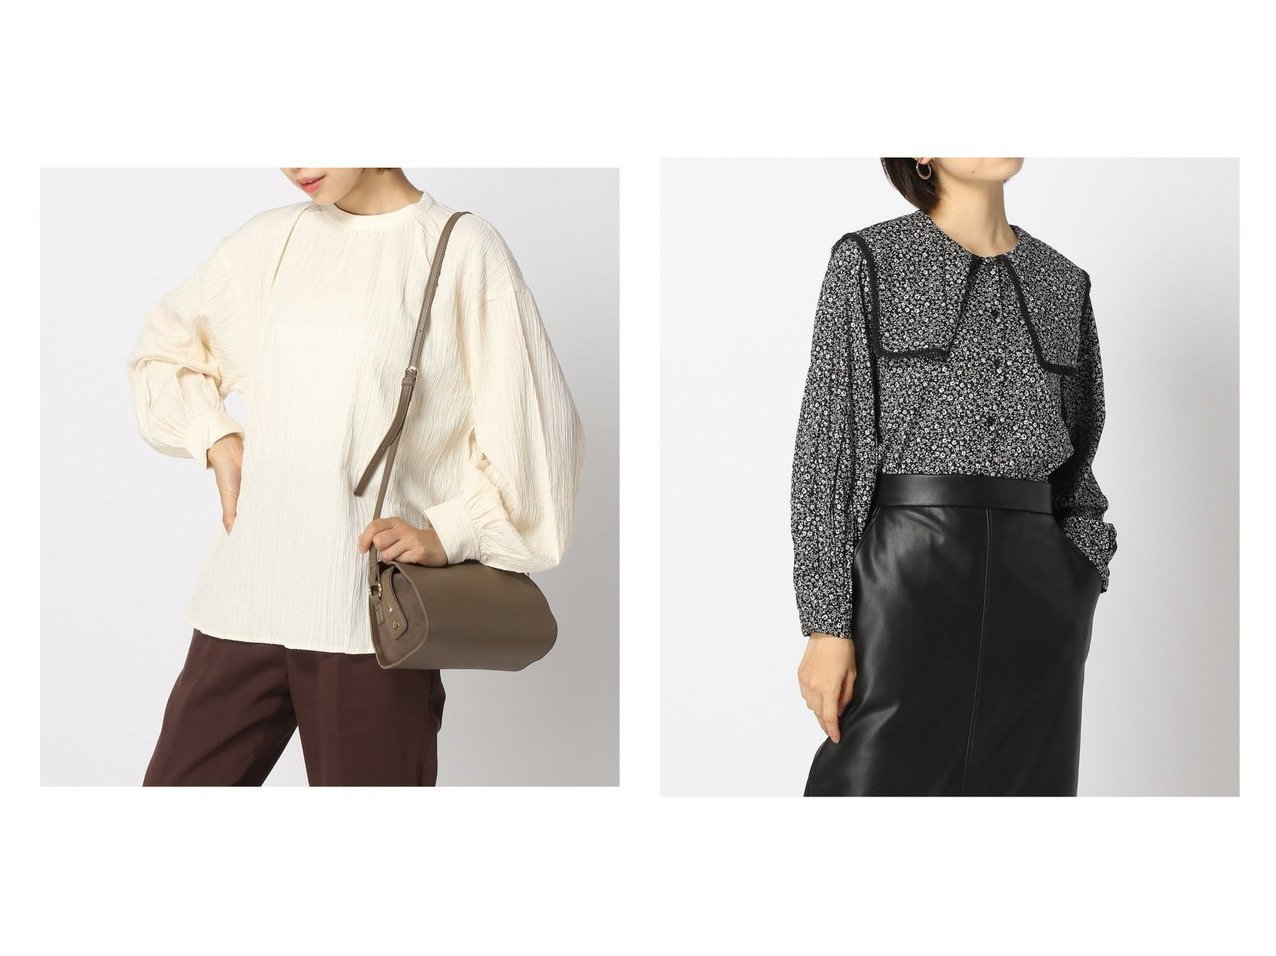 【GLOBAL WORK/グローバルワーク】のストライプJQDソデフワBL&スクエアBIGカラーブラウス おすすめ!人気、トレンド・レディースファッションの通販 おすすめで人気の流行・トレンド、ファッションの通販商品 インテリア・家具・メンズファッション・キッズファッション・レディースファッション・服の通販 founy(ファニー) https://founy.com/ ファッション Fashion レディースファッション WOMEN トップス・カットソー Tops/Tshirt シャツ/ブラウス Shirts/Blouses NEW・新作・新着・新入荷 New Arrivals インナー スクエア デニム トレンド トレーナー レース 長袖 |ID:crp329100000071069